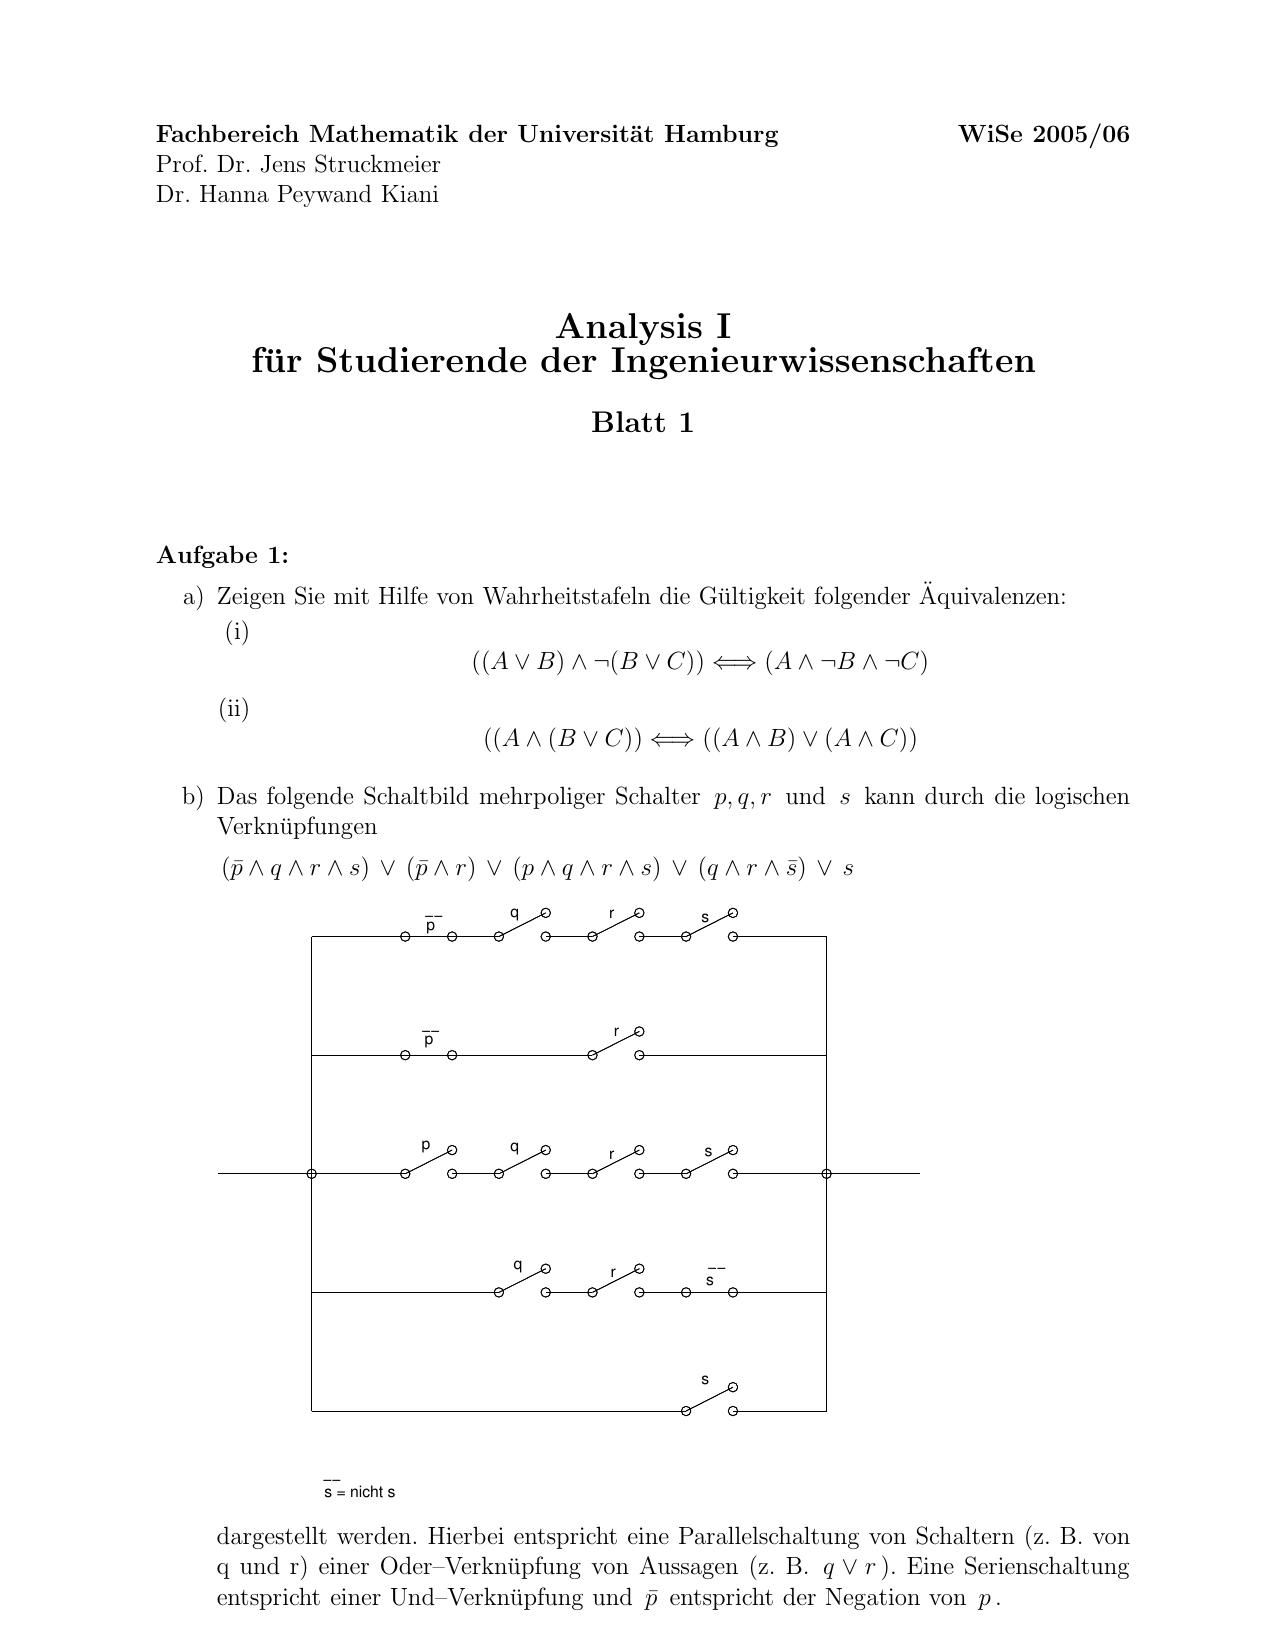 Groß Mehrpoliger Schalter Zeitgenössisch - Der Schaltplan - triangre ...